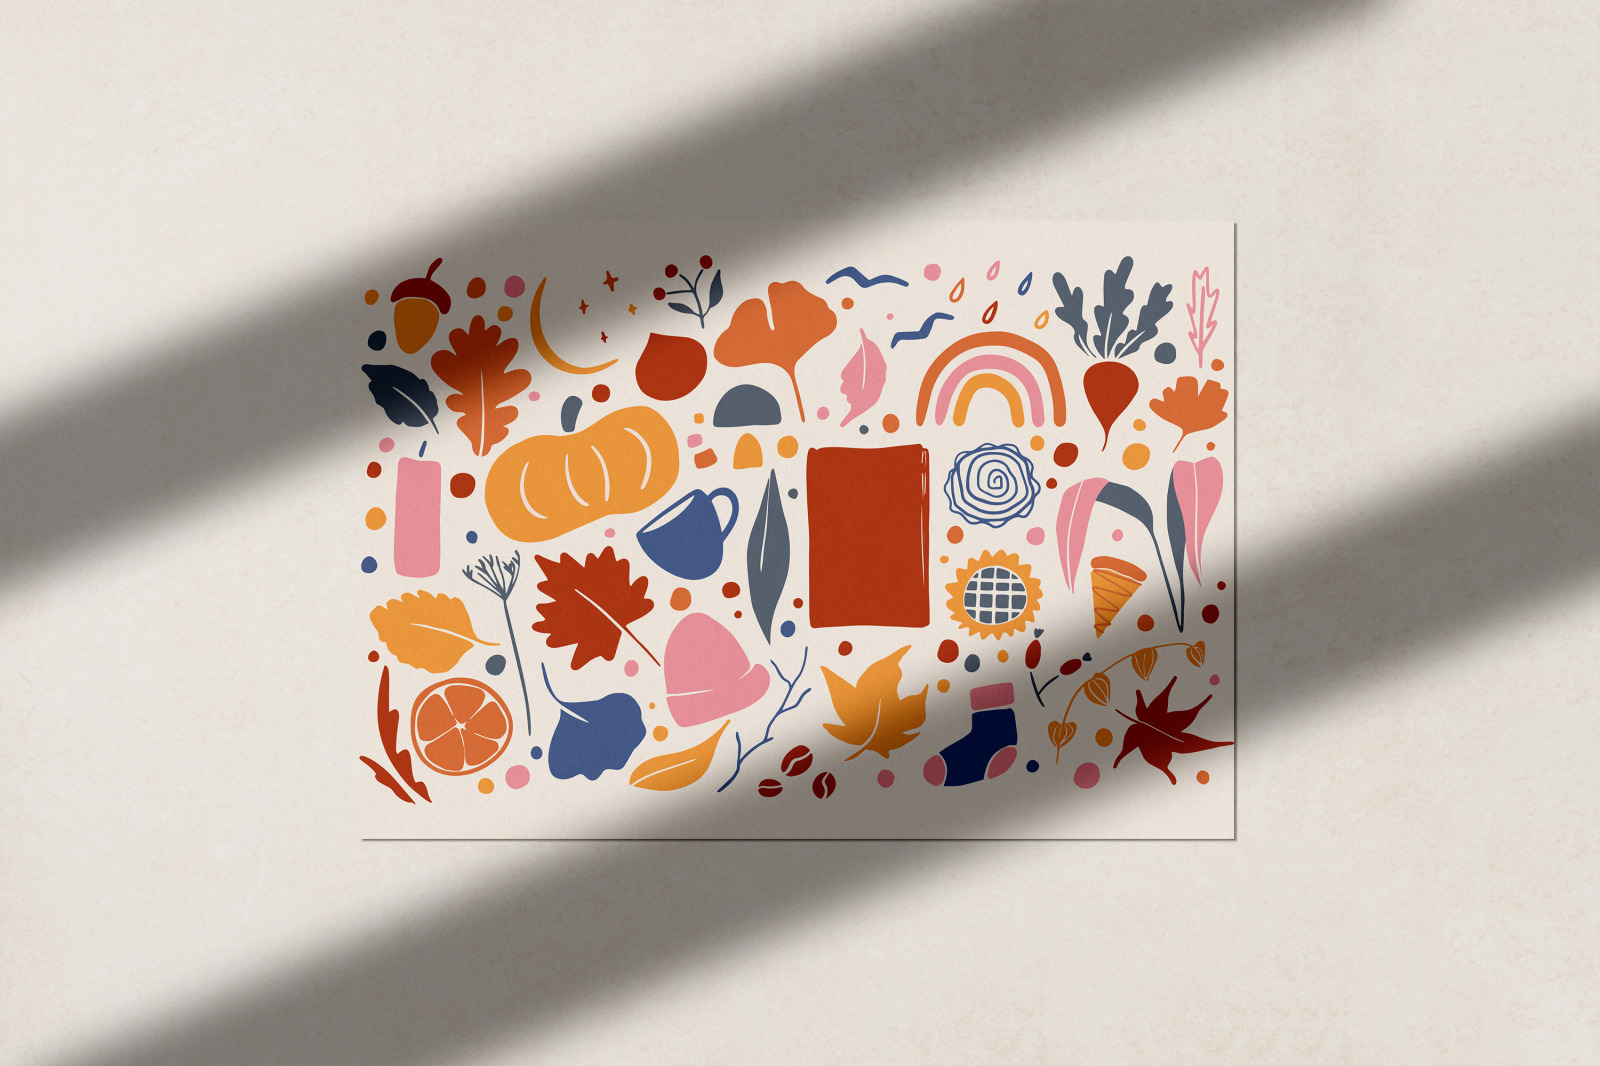 Abstract Autumn Illustrations